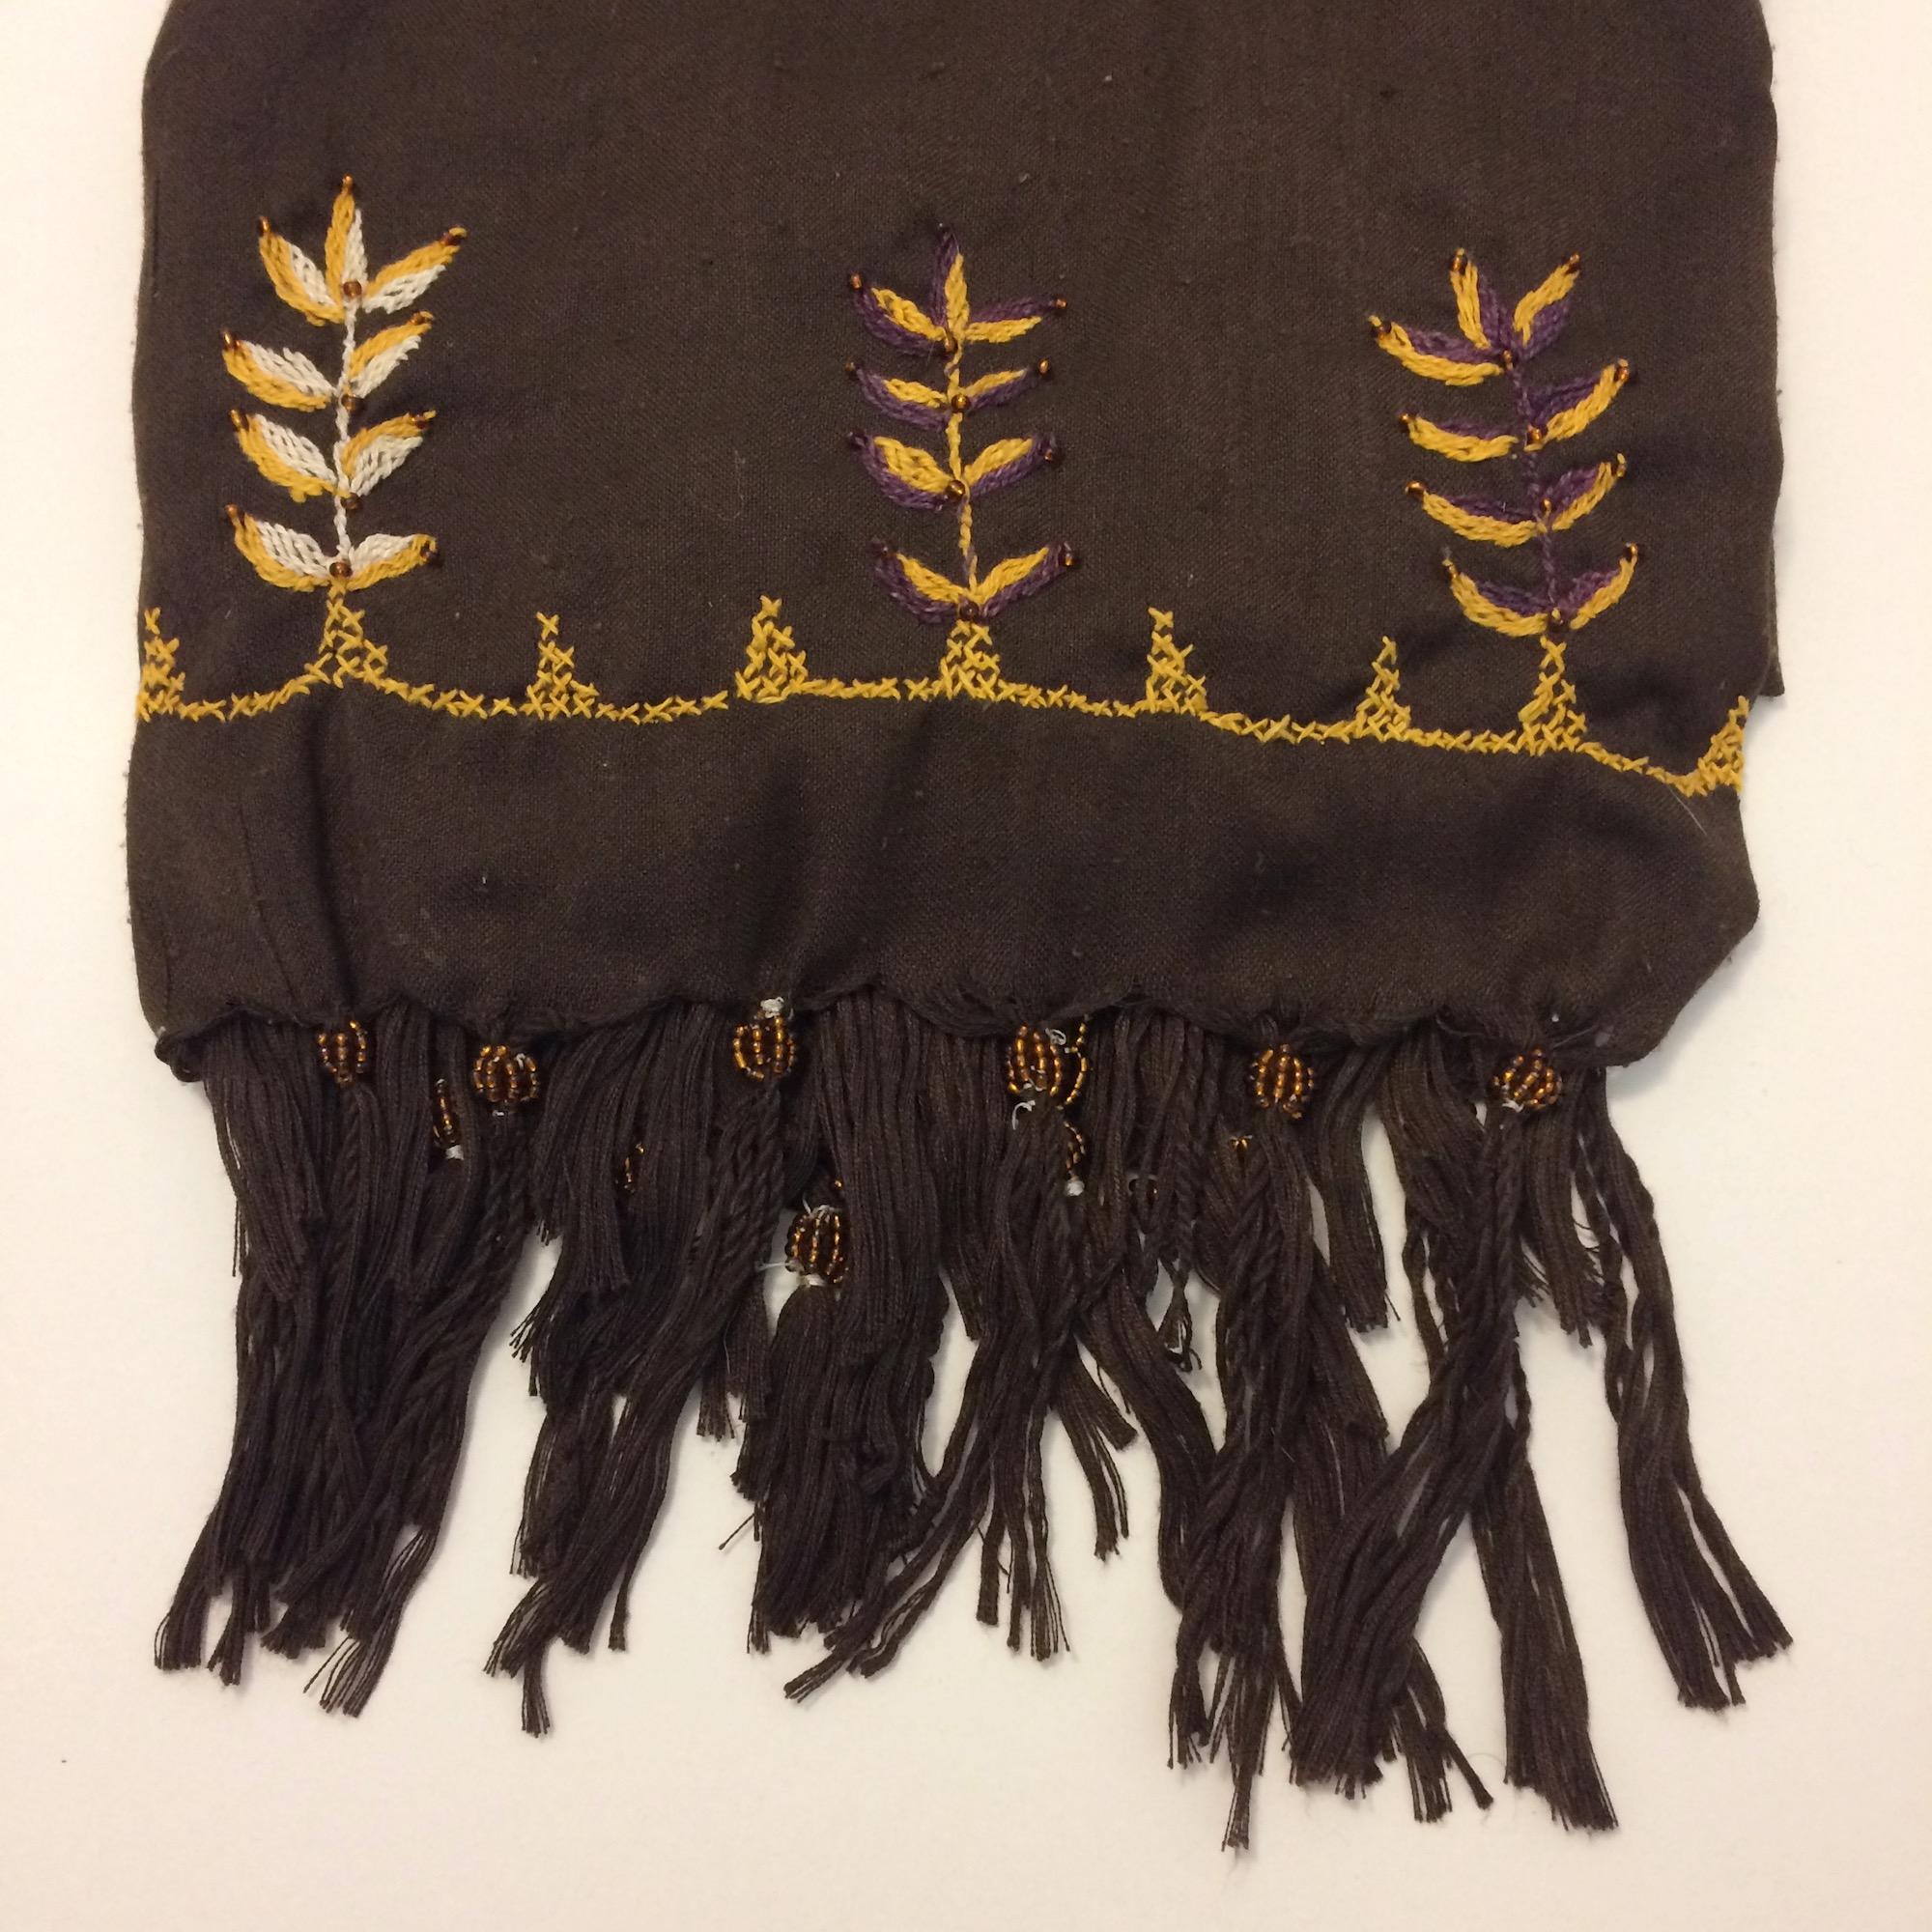 Bedouin Hand-embroidered Dark Brown Shawl - Sale!